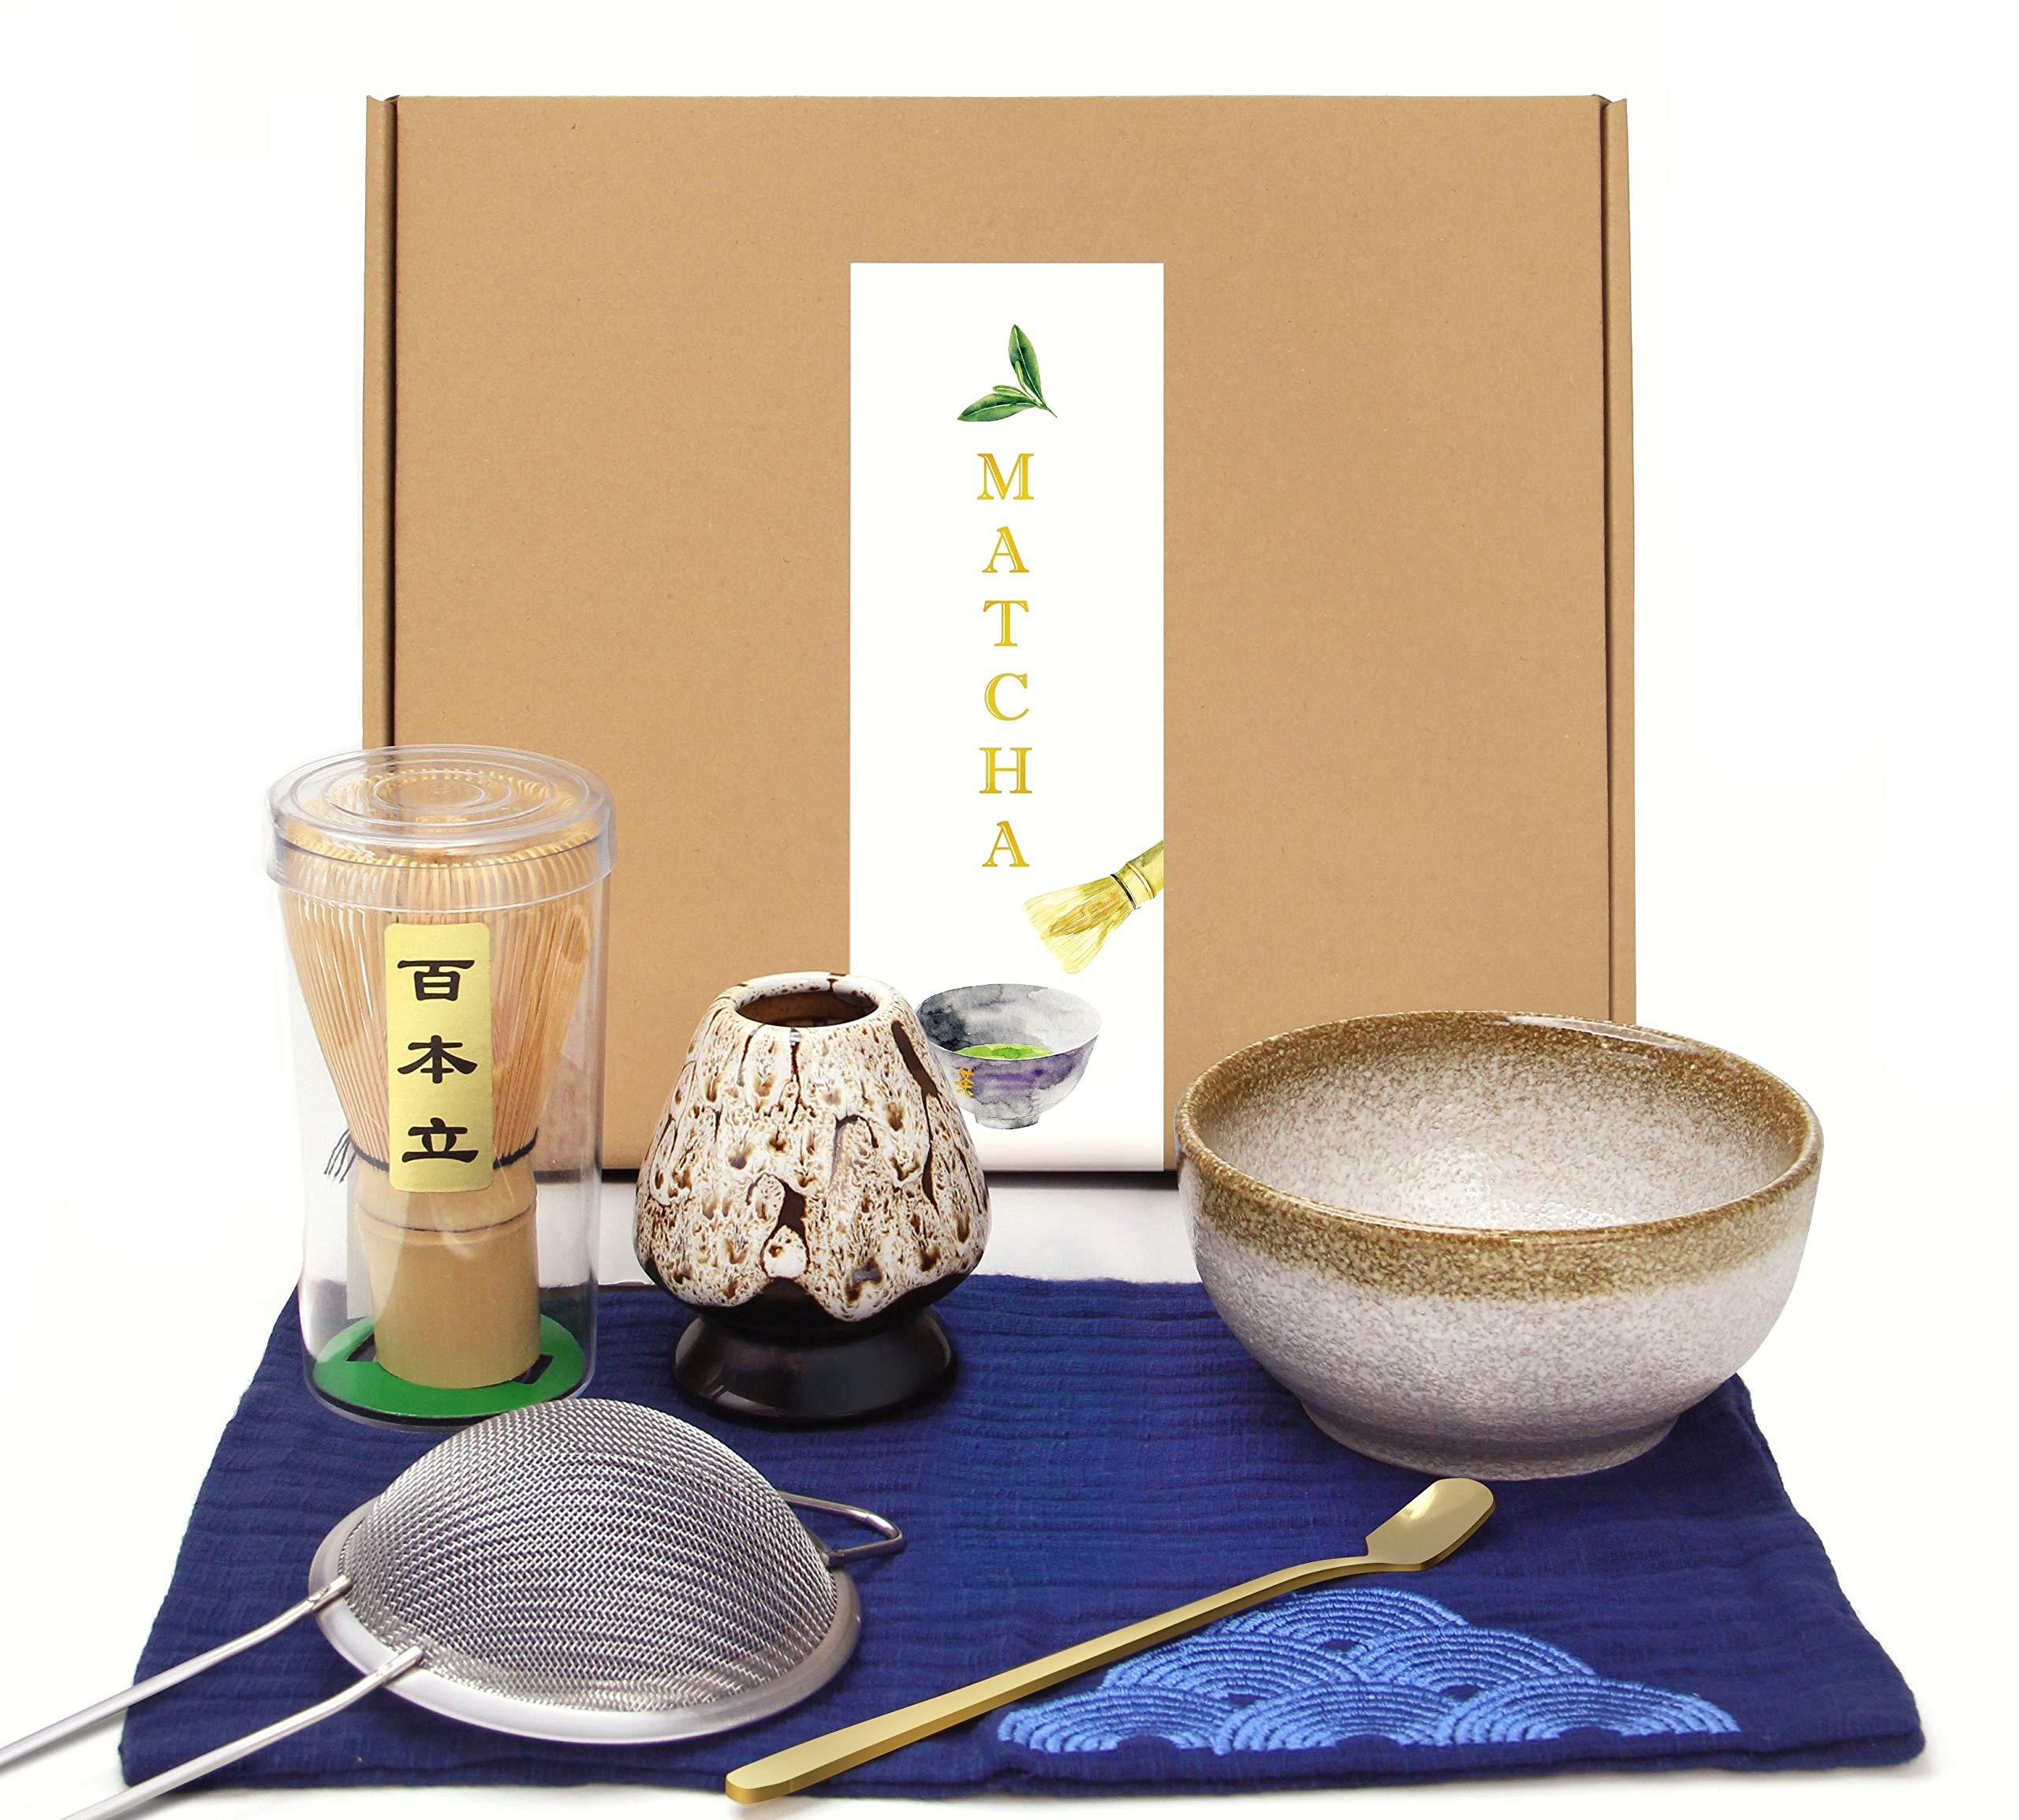 Japanese Matcha Set, Matcha Whisk(Matcha Stirrer 100 Prong), Scoop, Matcha Bowl, Ceramic Whisk Holder, Matcha Caddy, Handmade Matcha Ceremony Kit For Traditional Japanese Tea Ceremony